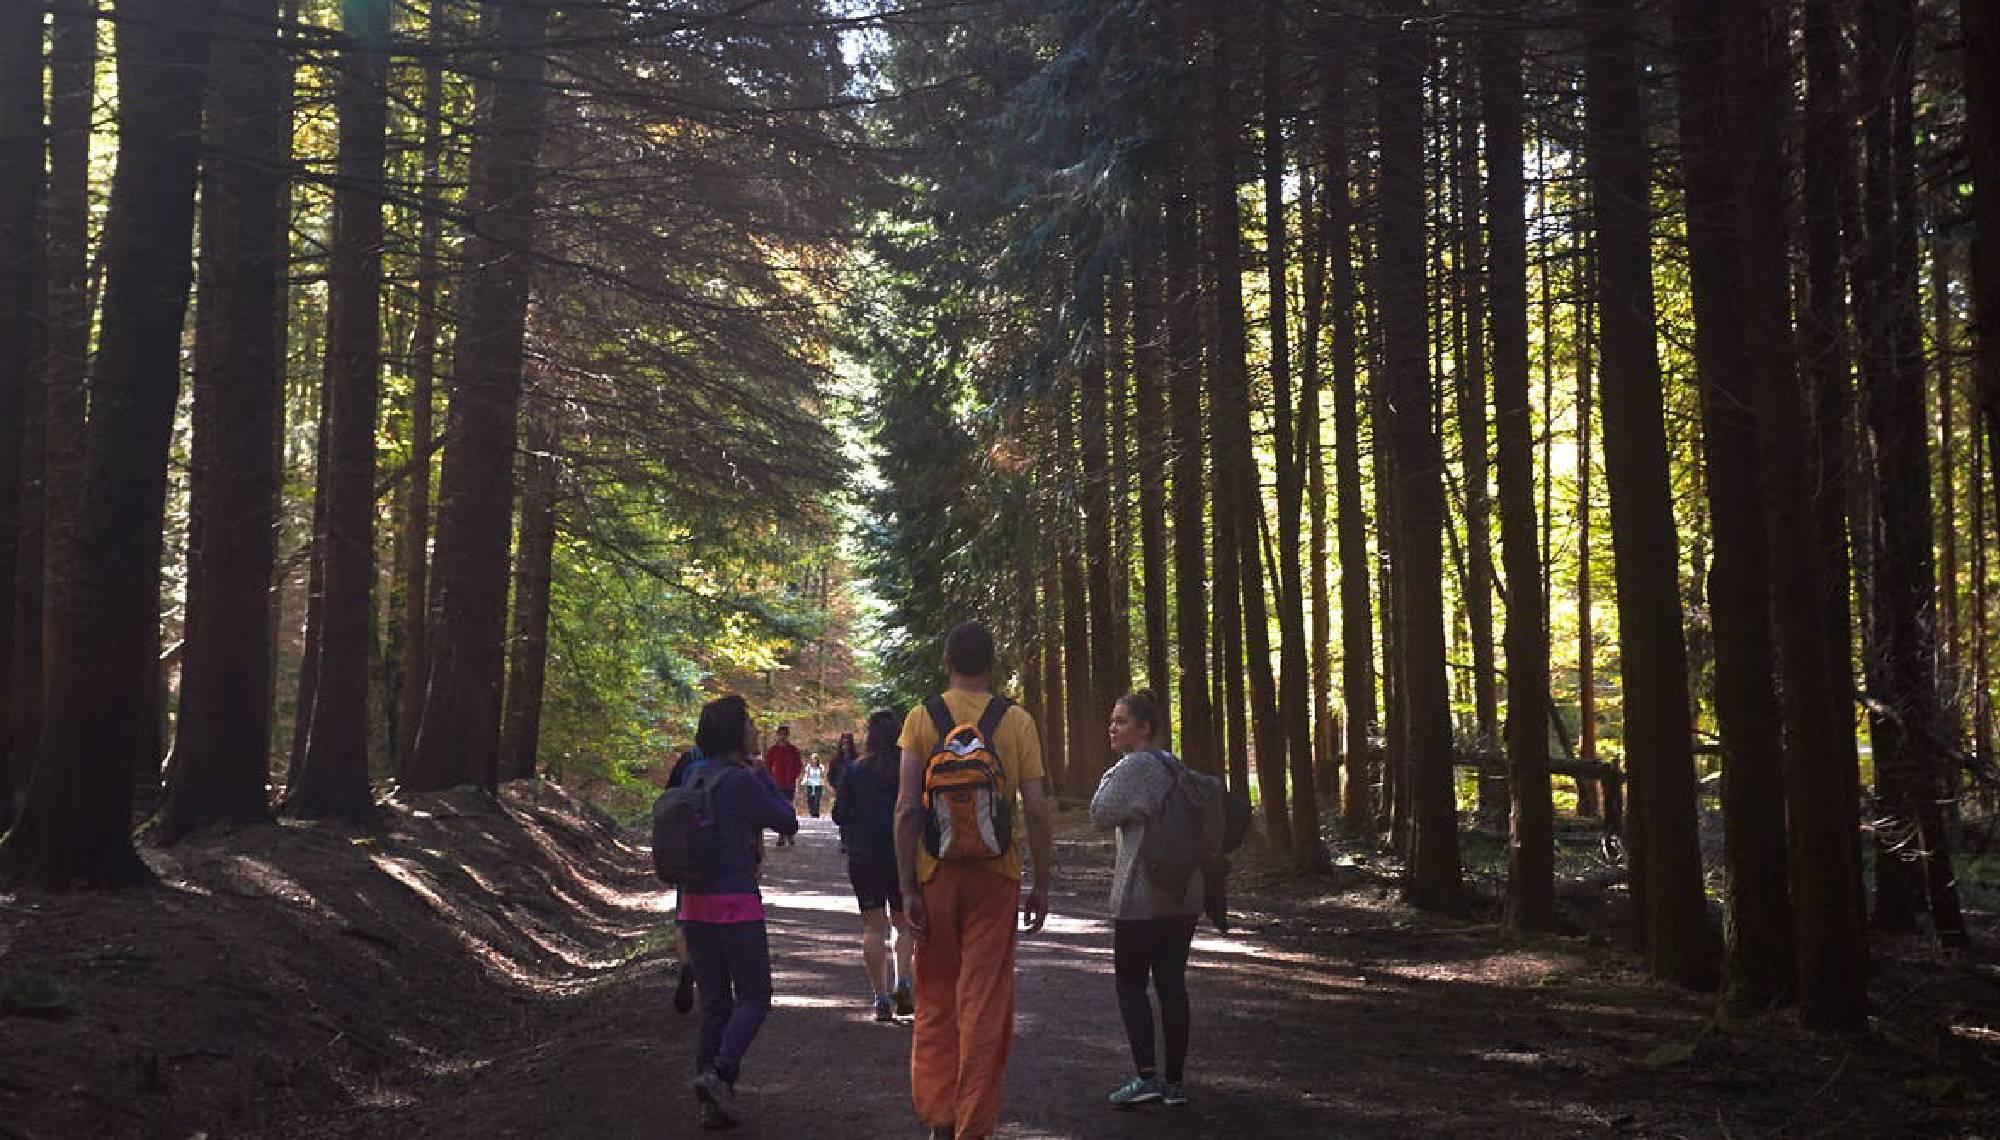 Senderismo y meditación conectando con la naturaleza